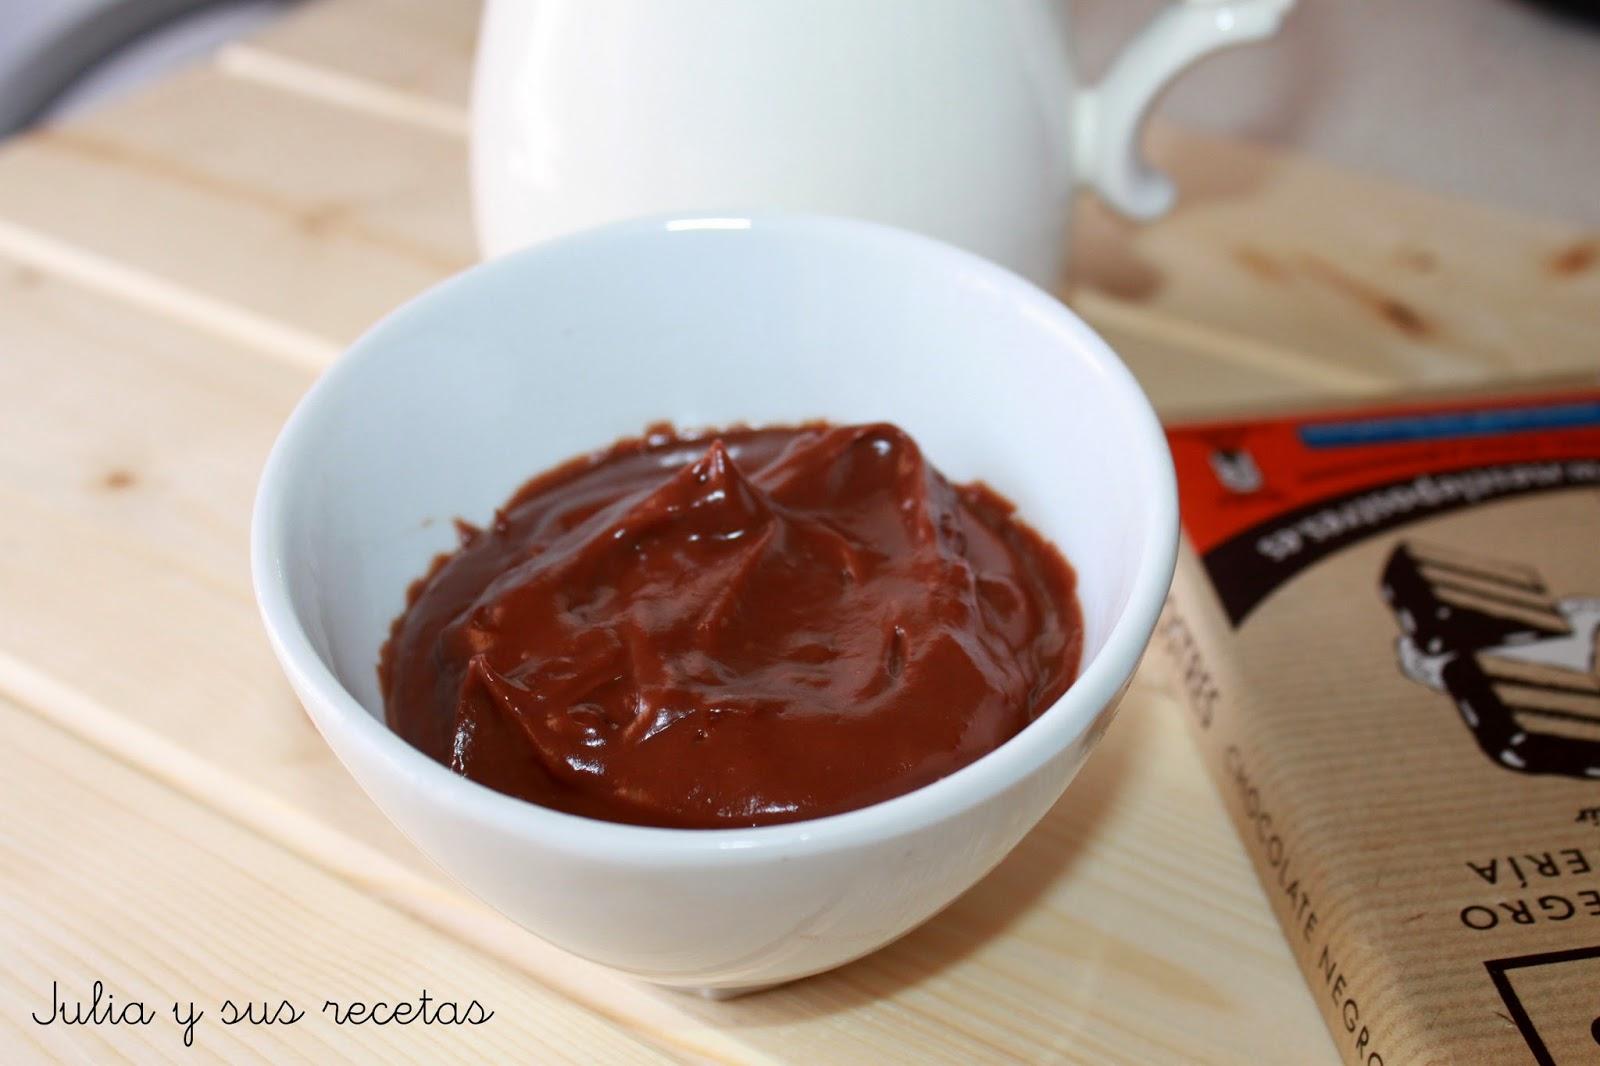 Crema pastelera de chocolate. Julia y sus recetas